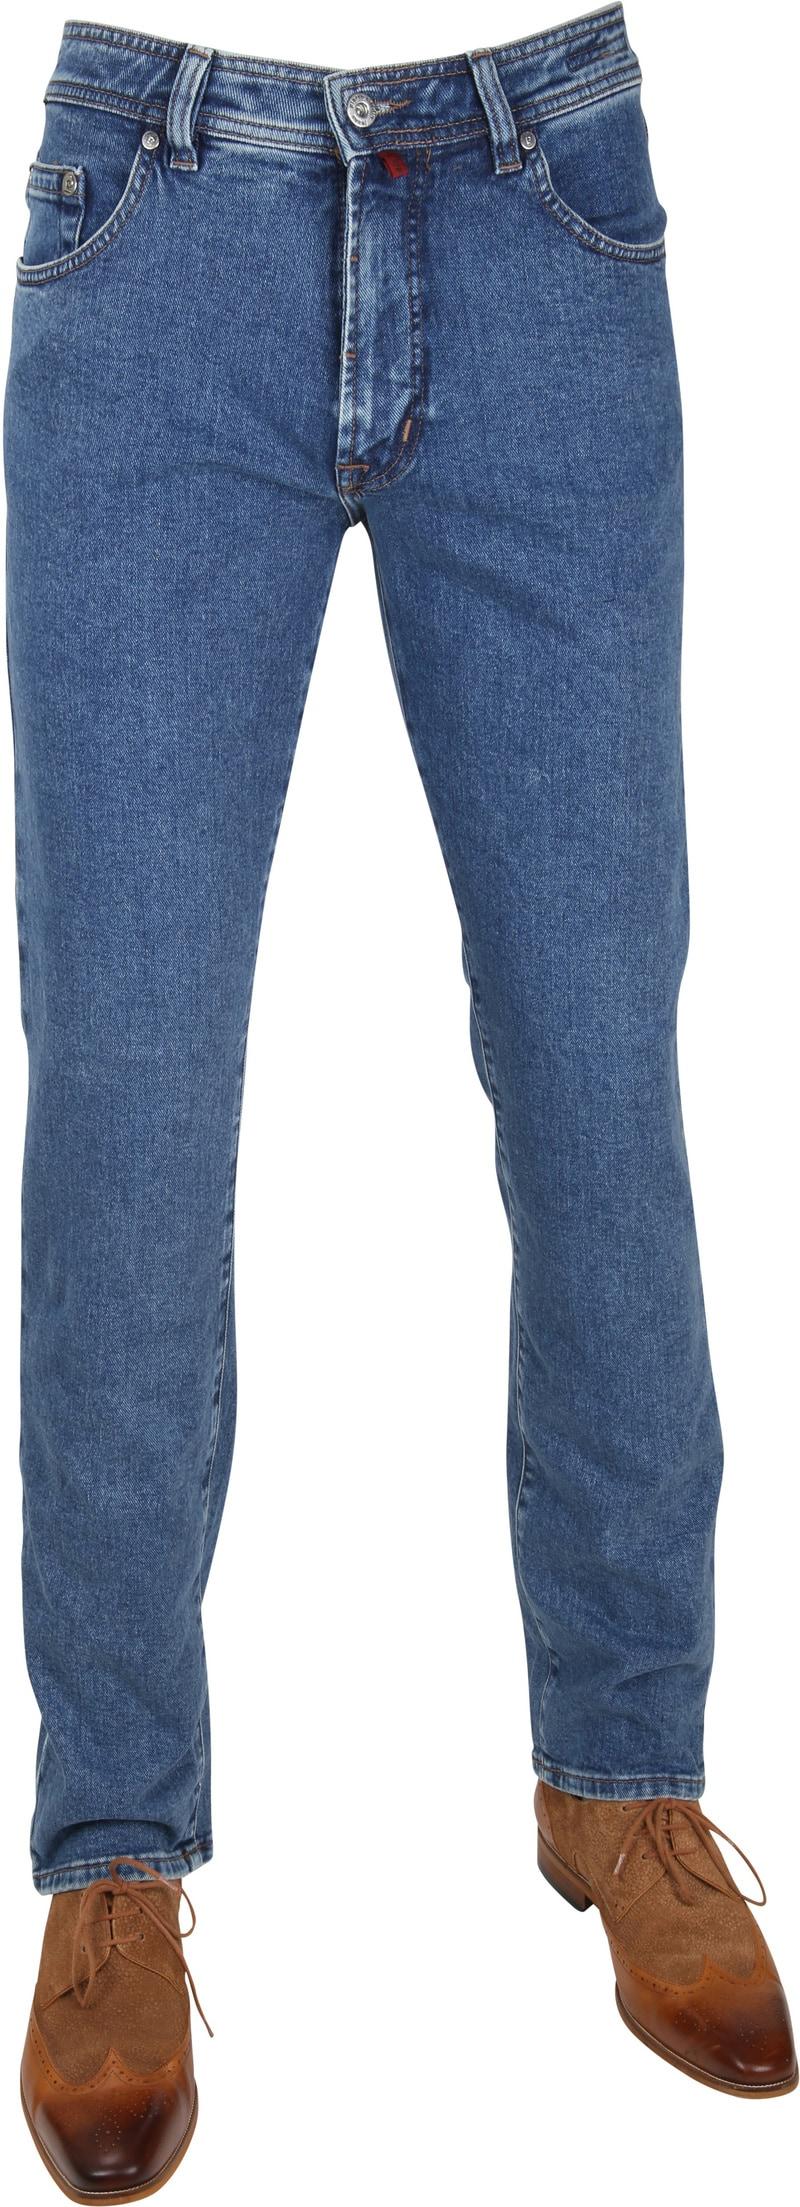 Pierre Cardin Jeans Dijon Blue photo 0